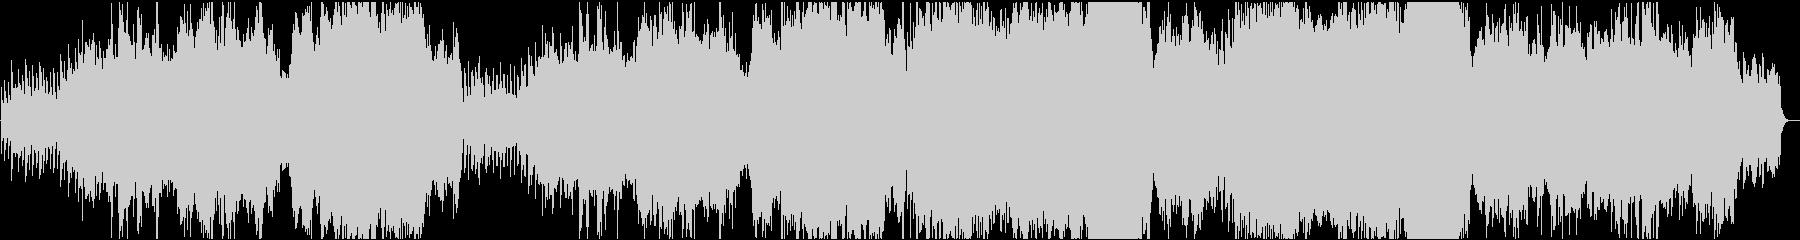 Vocaliseの未再生の波形